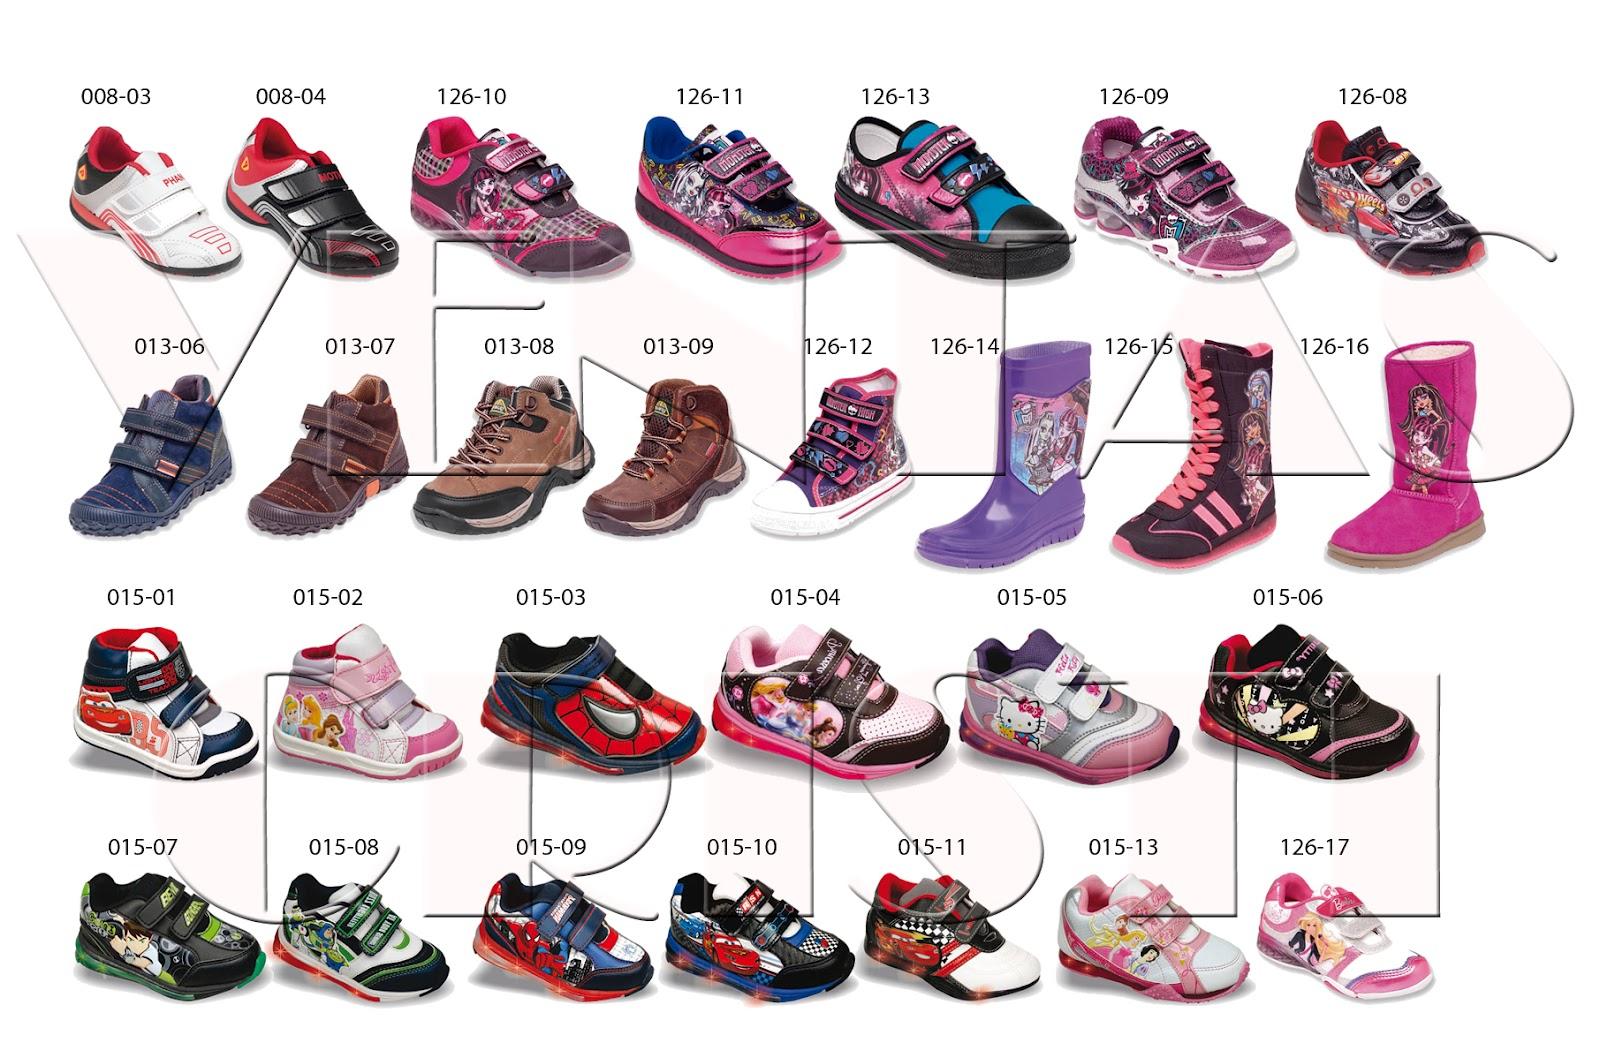 Venta de calzado de marca a mayoreo calzado infantil 2012 for Zapateria infantil